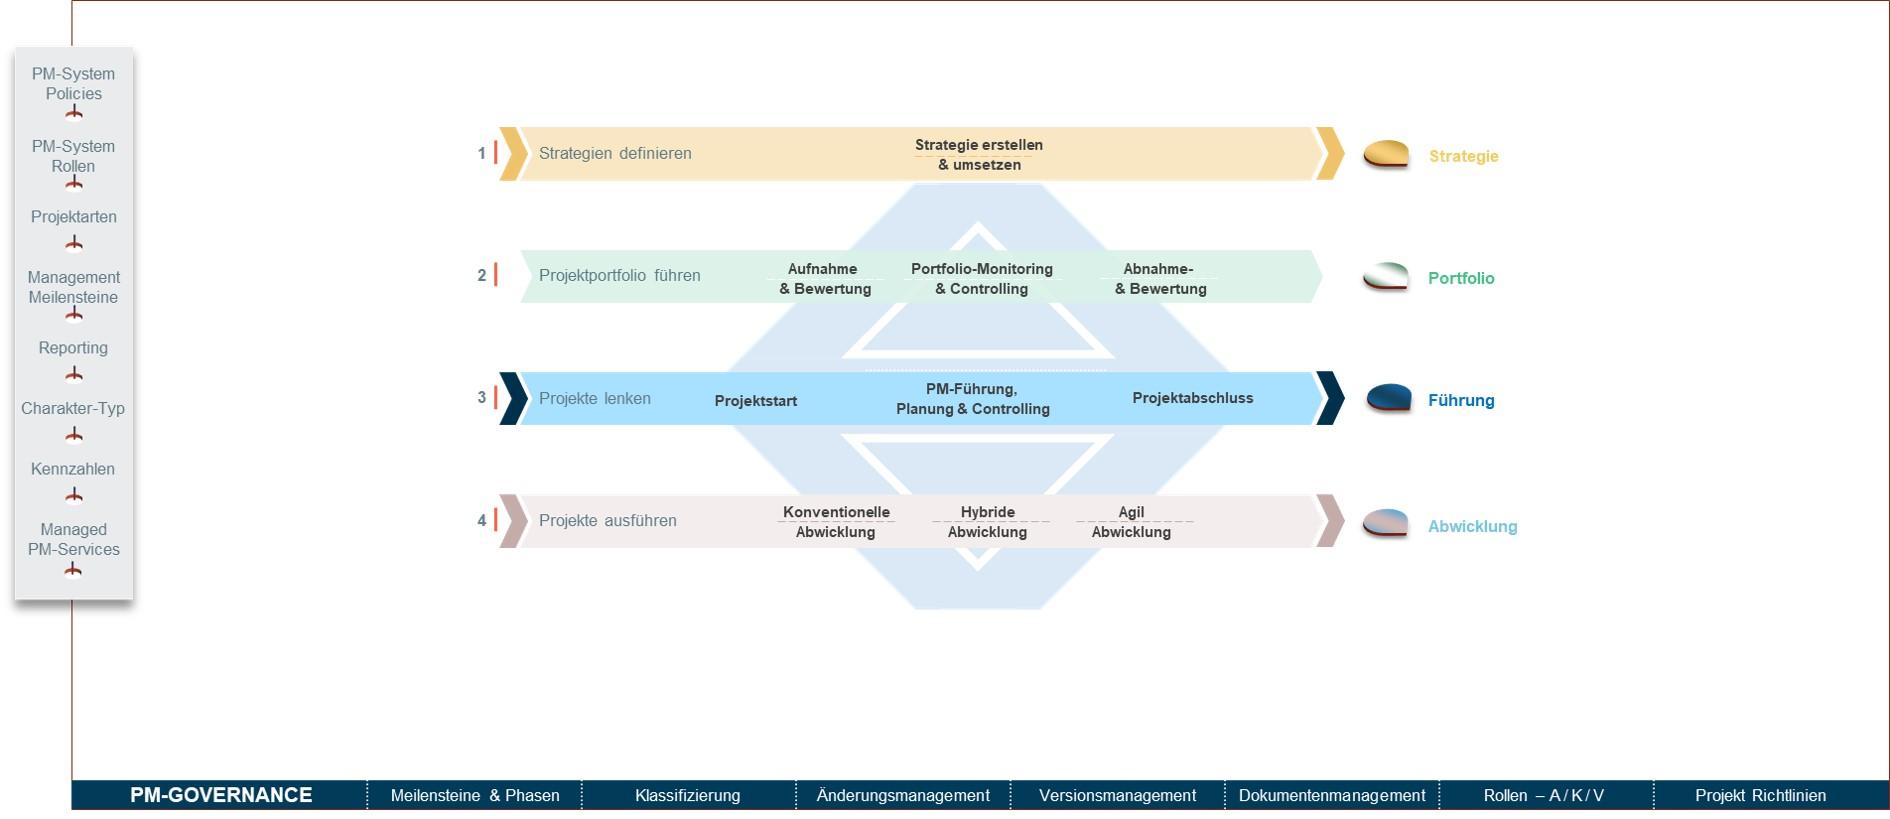 Grafik der 4 Führungsebenen des Frameworks profi.pm